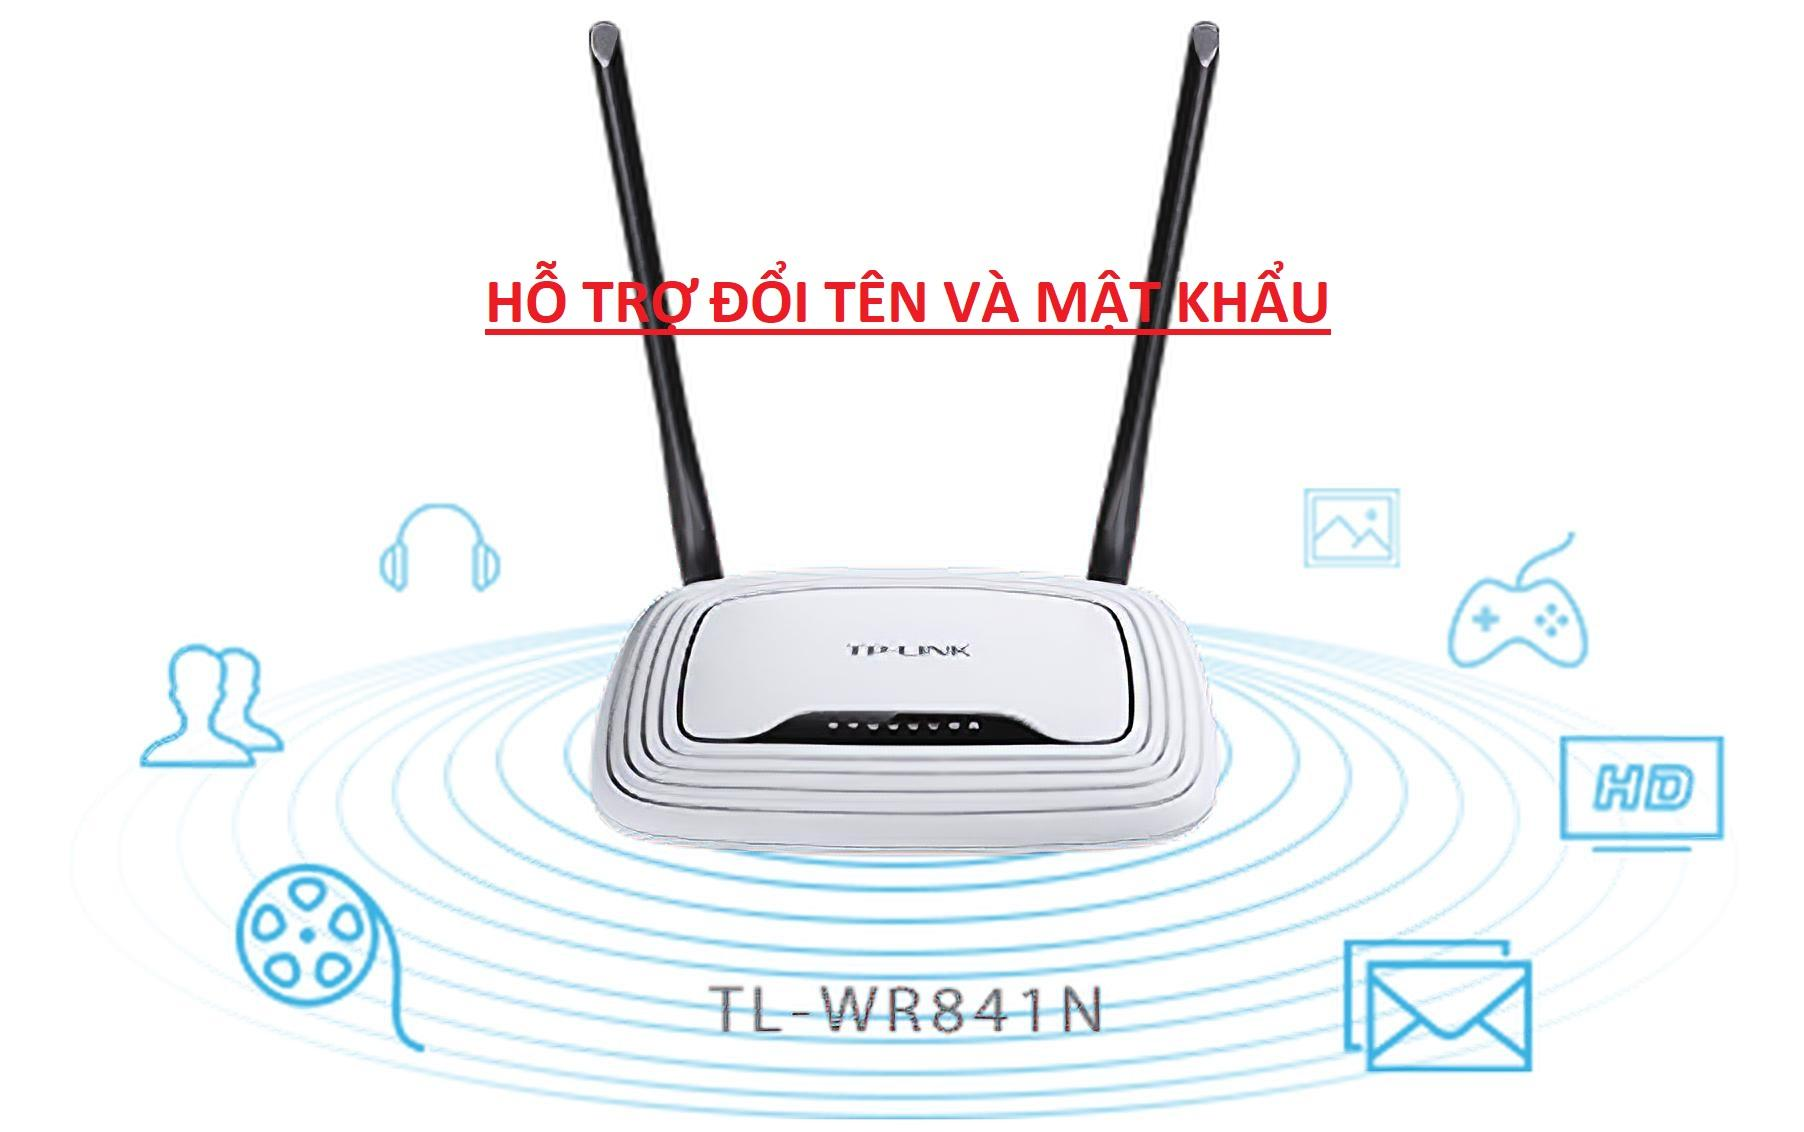 Giá Bộ Phát Wifi TP-LINK 841N có nguồn 2 ANTEN  Đã Qua SD - TPLINK 841N